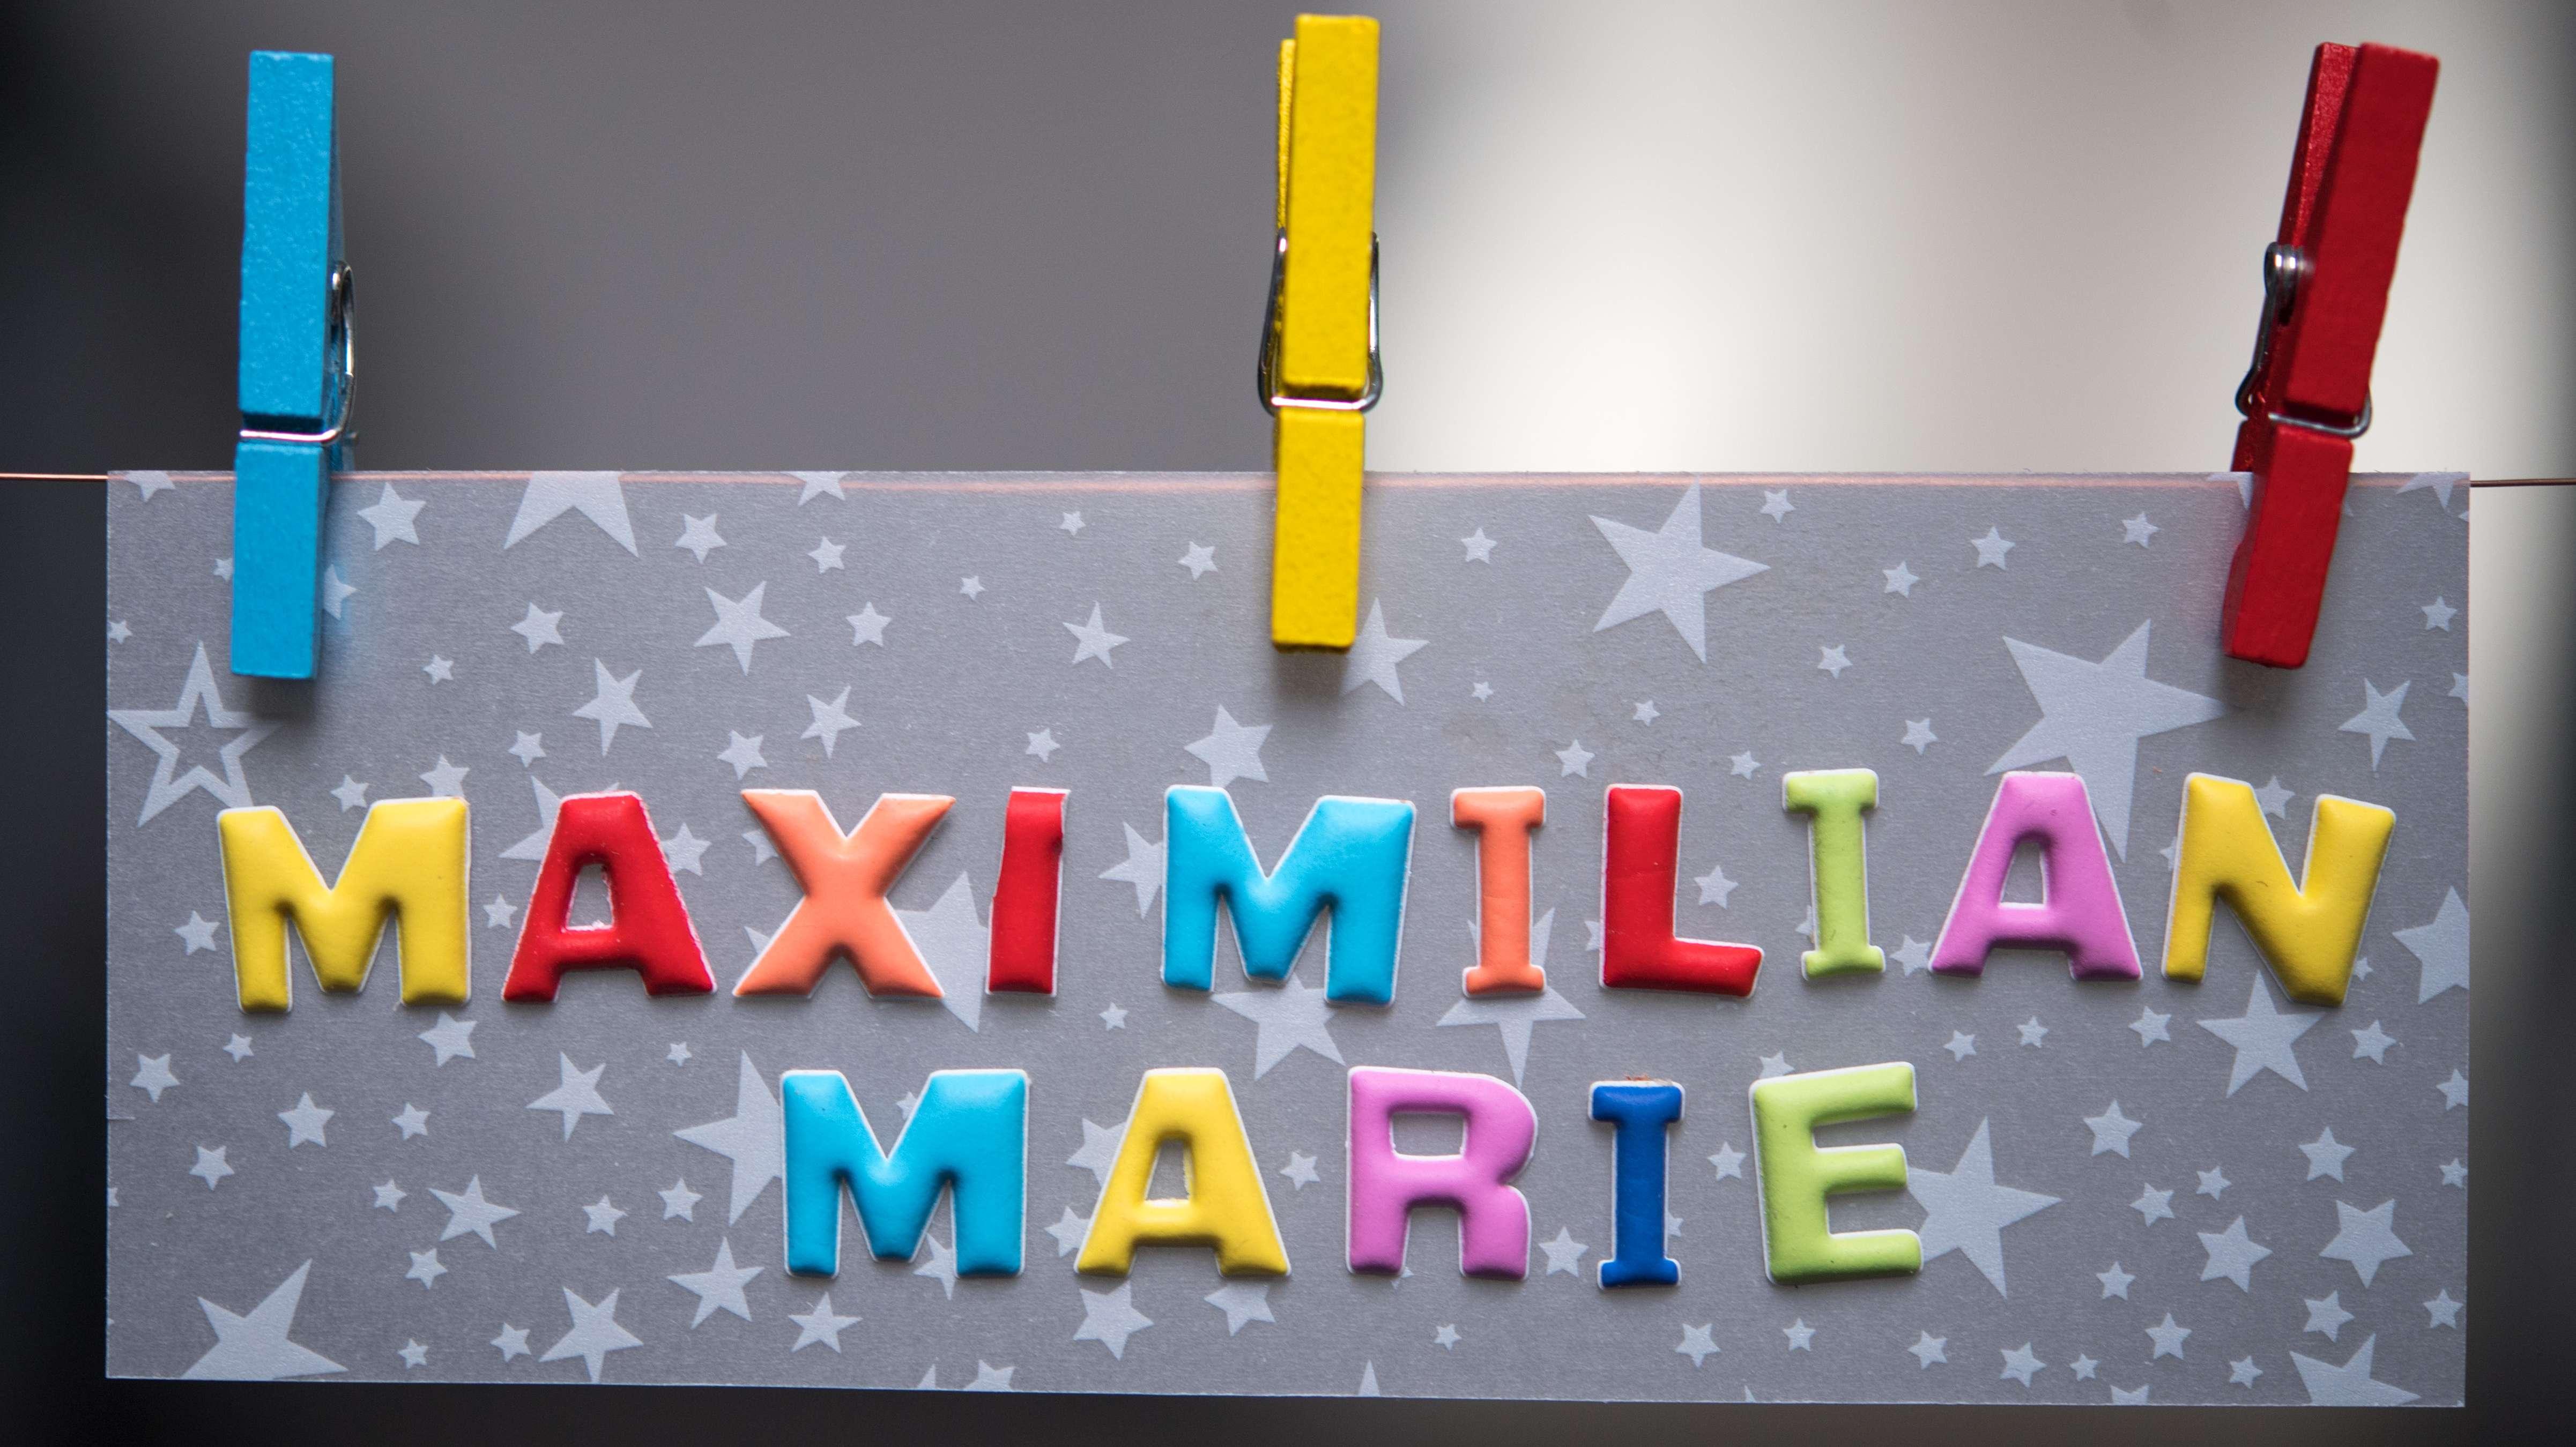 Maximilian und Marie sind die beliebtesten Vornamen 2018 in Bayern